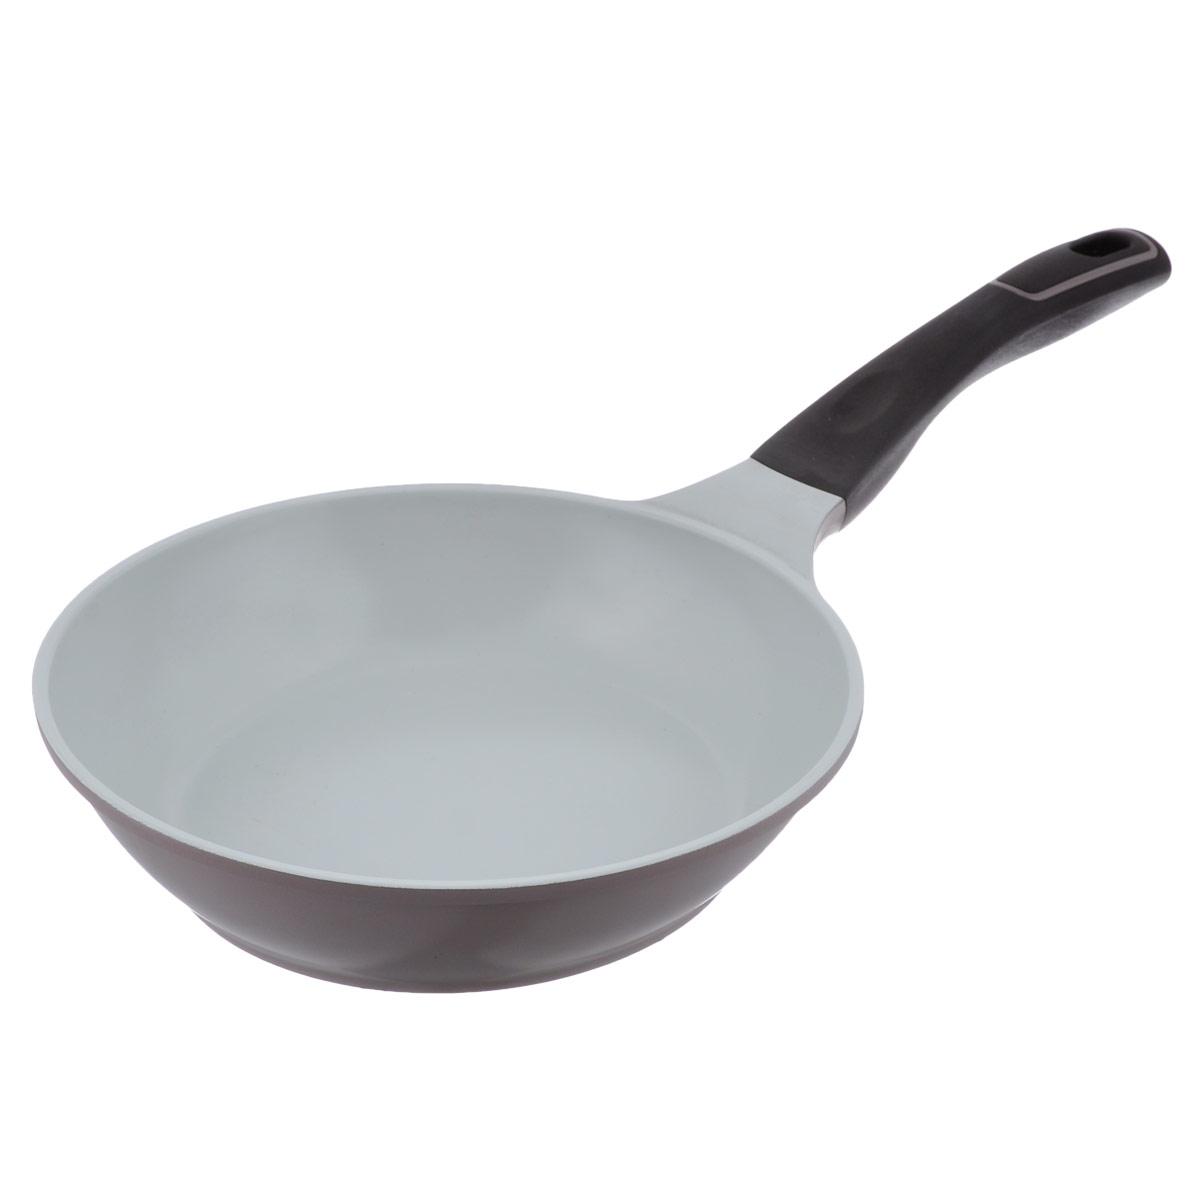 Сковорода Korkmaz Natura Plus, с керамическим покрытием, цвет: коричневый. Диаметр 24 см54 009312Сковорода Korkmaz Natura Plus изготовлена из литого высокопрочного алюминия, который быстро нагревается до высокой температуры и равномерно распределяет тепло по всей поверхности. Высокая теплопроводность позволяет быстро готовить даже на медленном огне, а значит, витамины и полезные микроэлементы не разрушаются и остаются в пище, что делает ее здоровой и полезной. Добавление специализированной стали в дно позволяет использовать сковороду на индукционных плитах. Изделие имеет жаропрочное керамическое внутреннее и наружное покрытие: нагревается до +450°С, не выделяет токсичных паров при готовке, не содержит тяжелых металлов, таких как свинец и кадмий. Керамическое покрытие абсолютно экологично: не содержит тефлоновых составляющих PTFE и PFOA. Керамика чрезвычайно долговечна и устойчива к механическому воздействию - можно смело использовать металлические сервировочные приборы, а в случае повреждения поверхности - не беспокоиться о попадании в организм канцерогенных частиц (как при использовании обычного тефлона). При готовке на керамическом покрытии пища не пристает и не пригорает, а масла требуется вдвое меньше по сравнению с другими покрытиями, что позволяет приготовить здоровую, вкусную и полезную пищу без лишних жиров и оксидантов. Эргономичная удлиненная ненагревающаяся ручка из бакелита имеет оригинальное технологическое крепление к сковороде, она выдерживает температуру до +260°С, что позволяет использовать посуду в духовке. Специальный наклонный дизайн формы бортиков обеспечивает легкое переворачивание блюд и облегчает сервировку. Подходит для использования на всех типах плит, включая индукционные. Можно мыть в посудомоечной машине. Диаметр по верхнему краю: 24 см. Высота стенки: 5 см. Длина ручки: 21 см. Толщина стенки: 2 мм. Толщина дна: 3 мм.